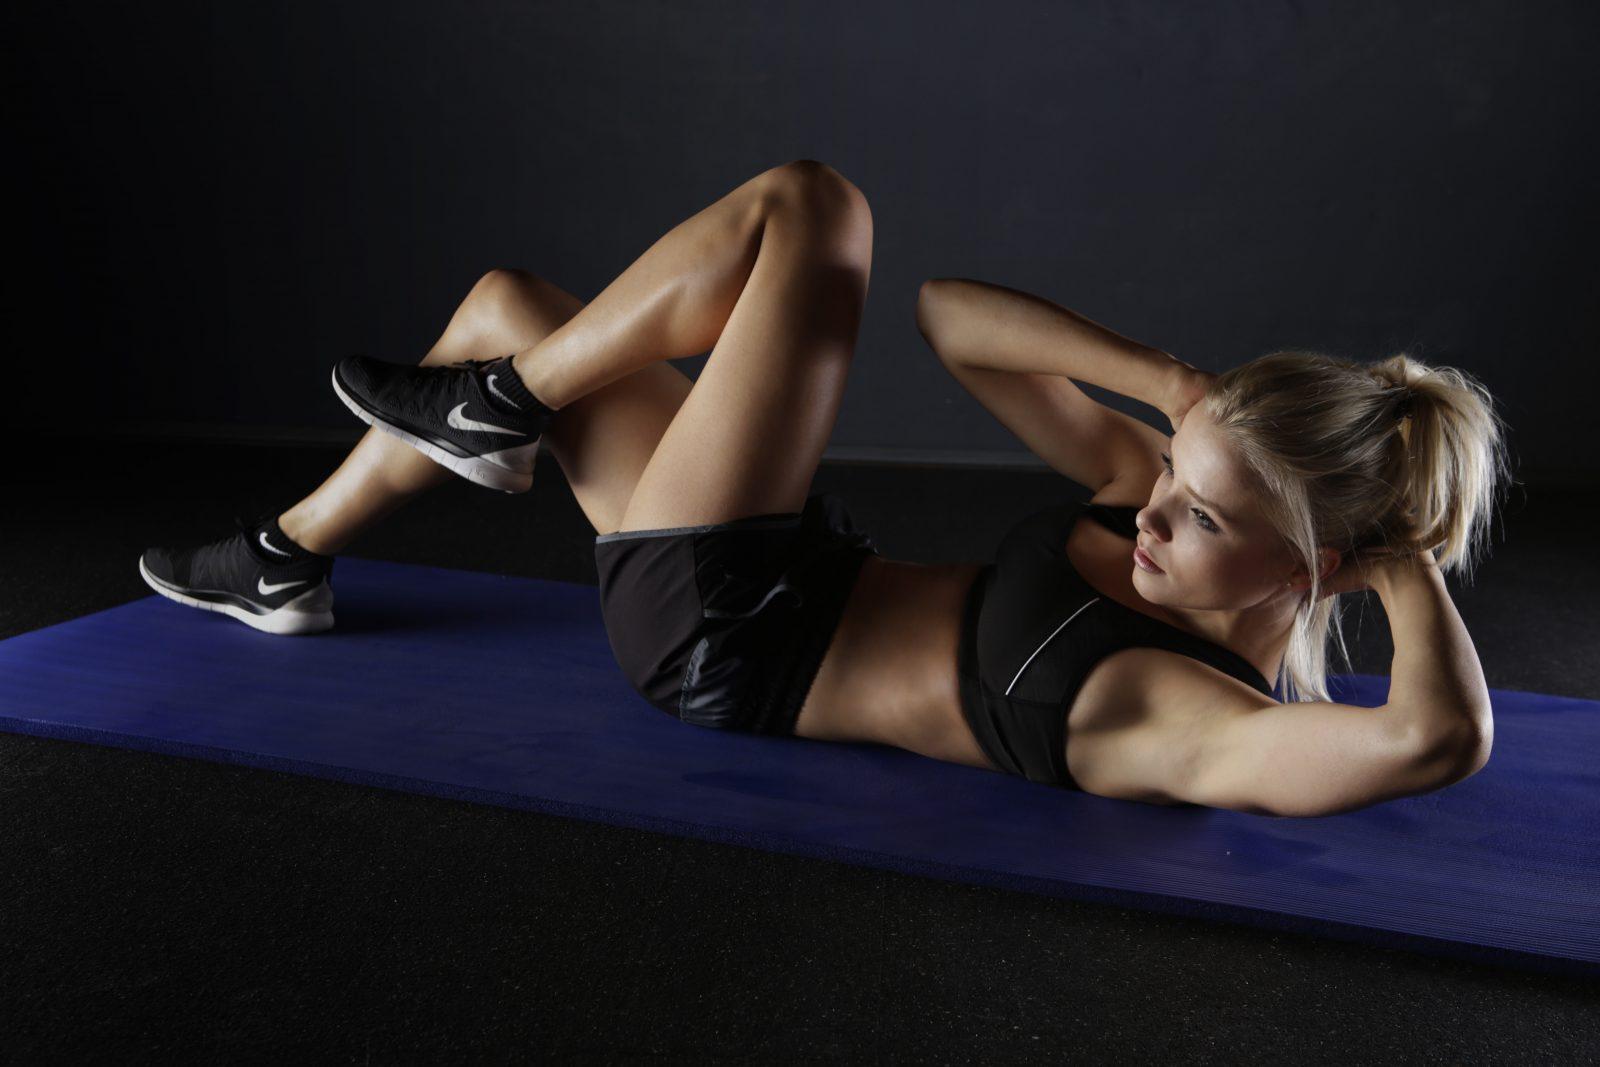 覺醒健身:【健身常見問題Q&A】為什麼我訓練這麼久卻沒改變?